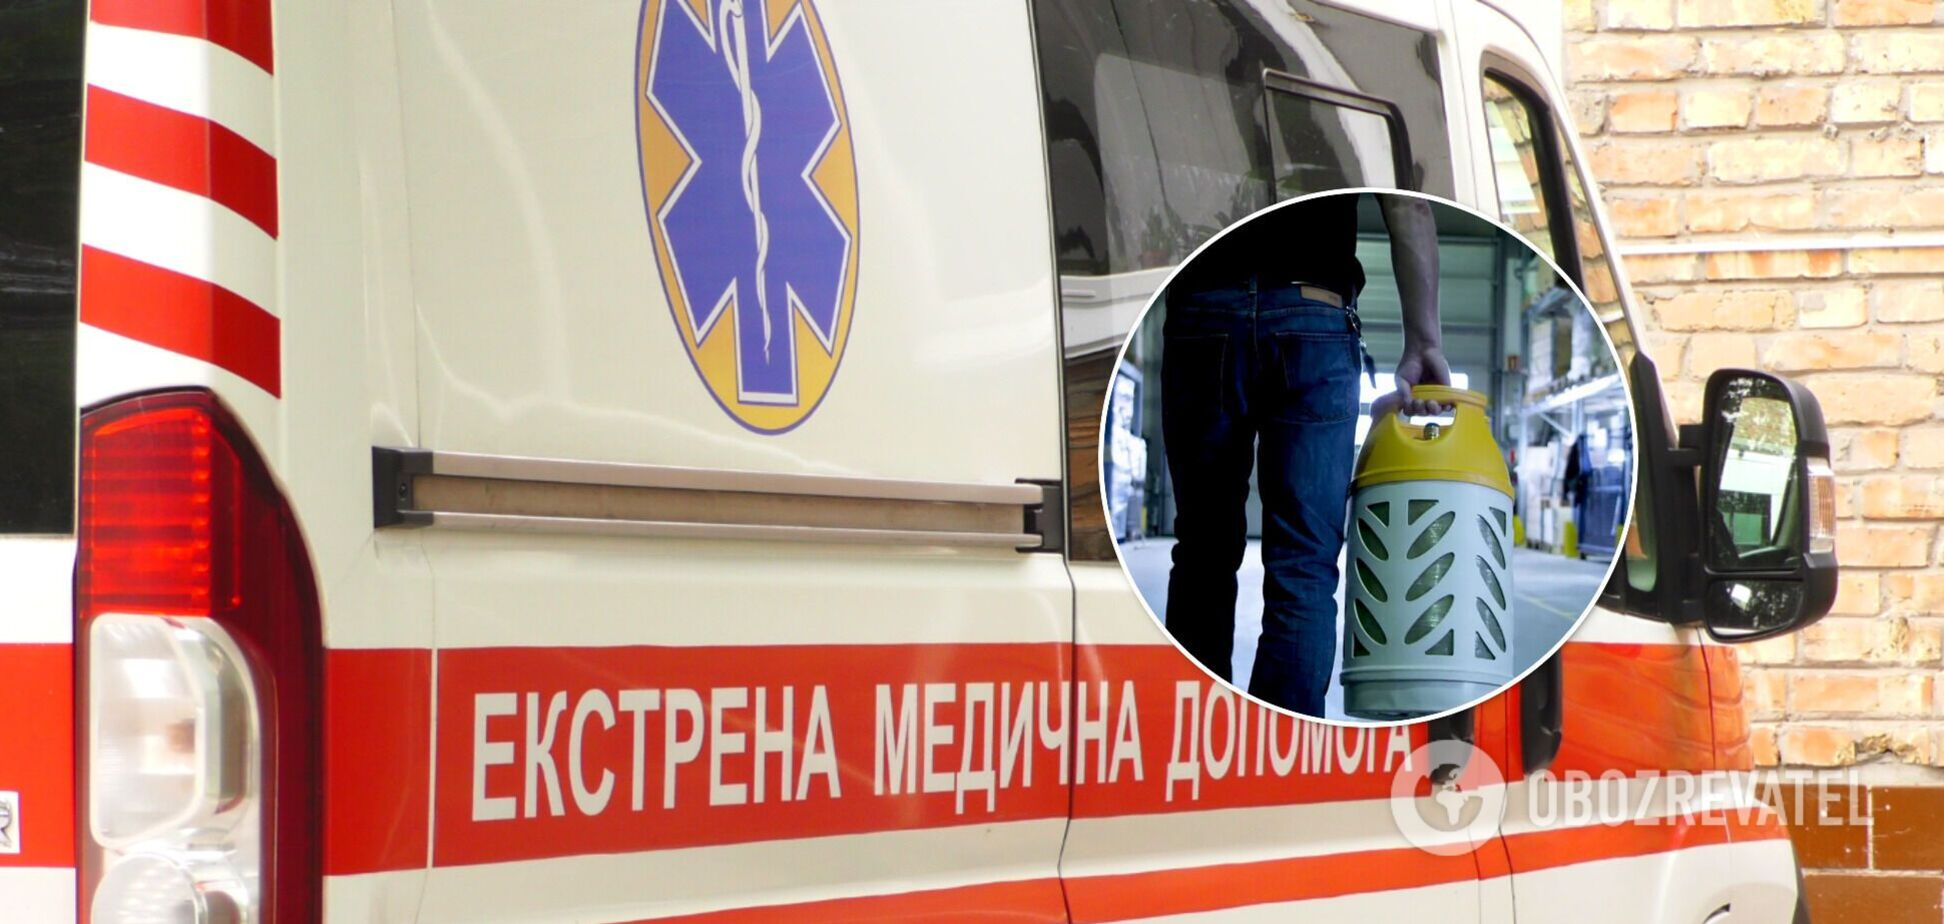 Впав замертво: на Дніпропетровщині за дивних обставин помер підліток